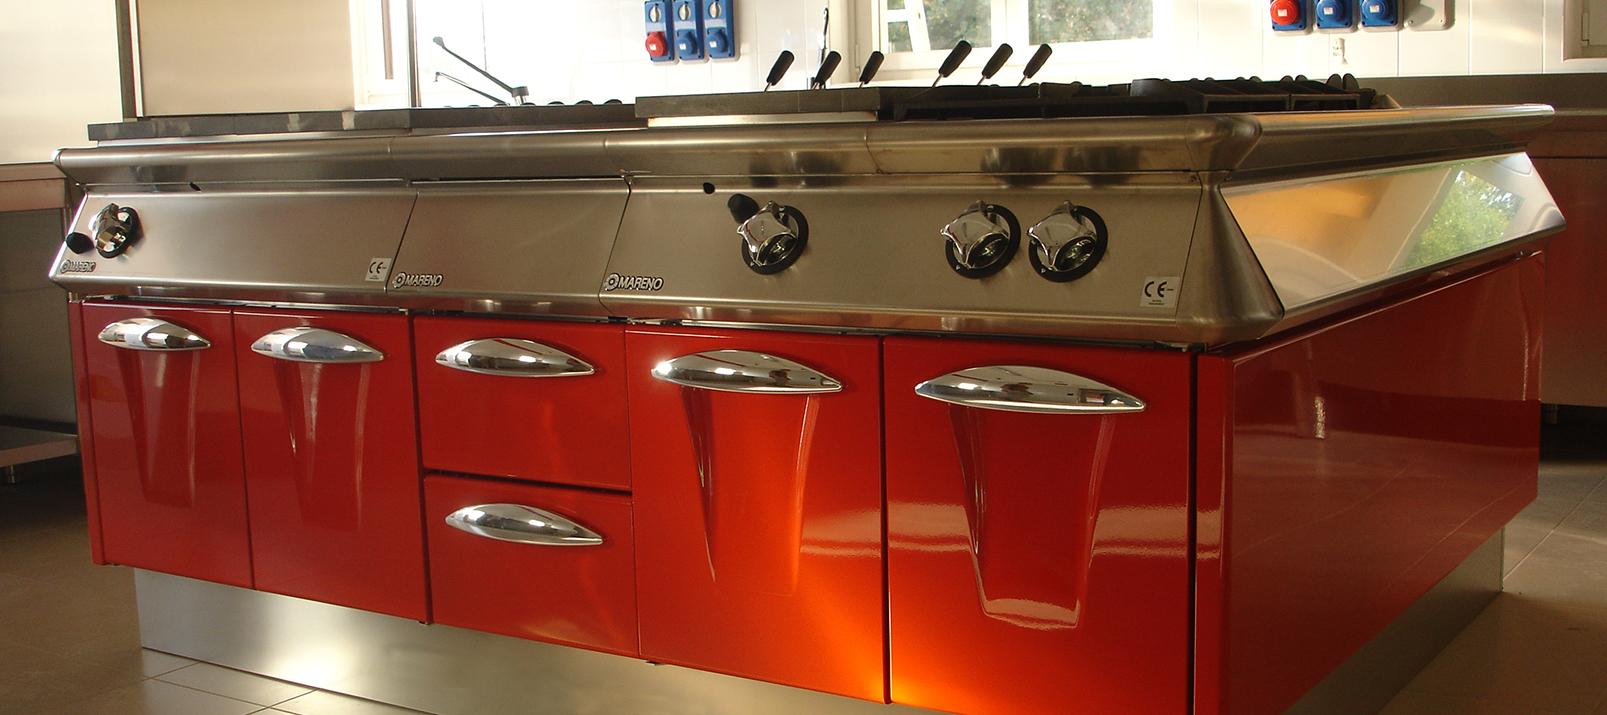 Cagif attrezzature per ristorazione padova vendita noleggio - Cucine professionali per casa ...